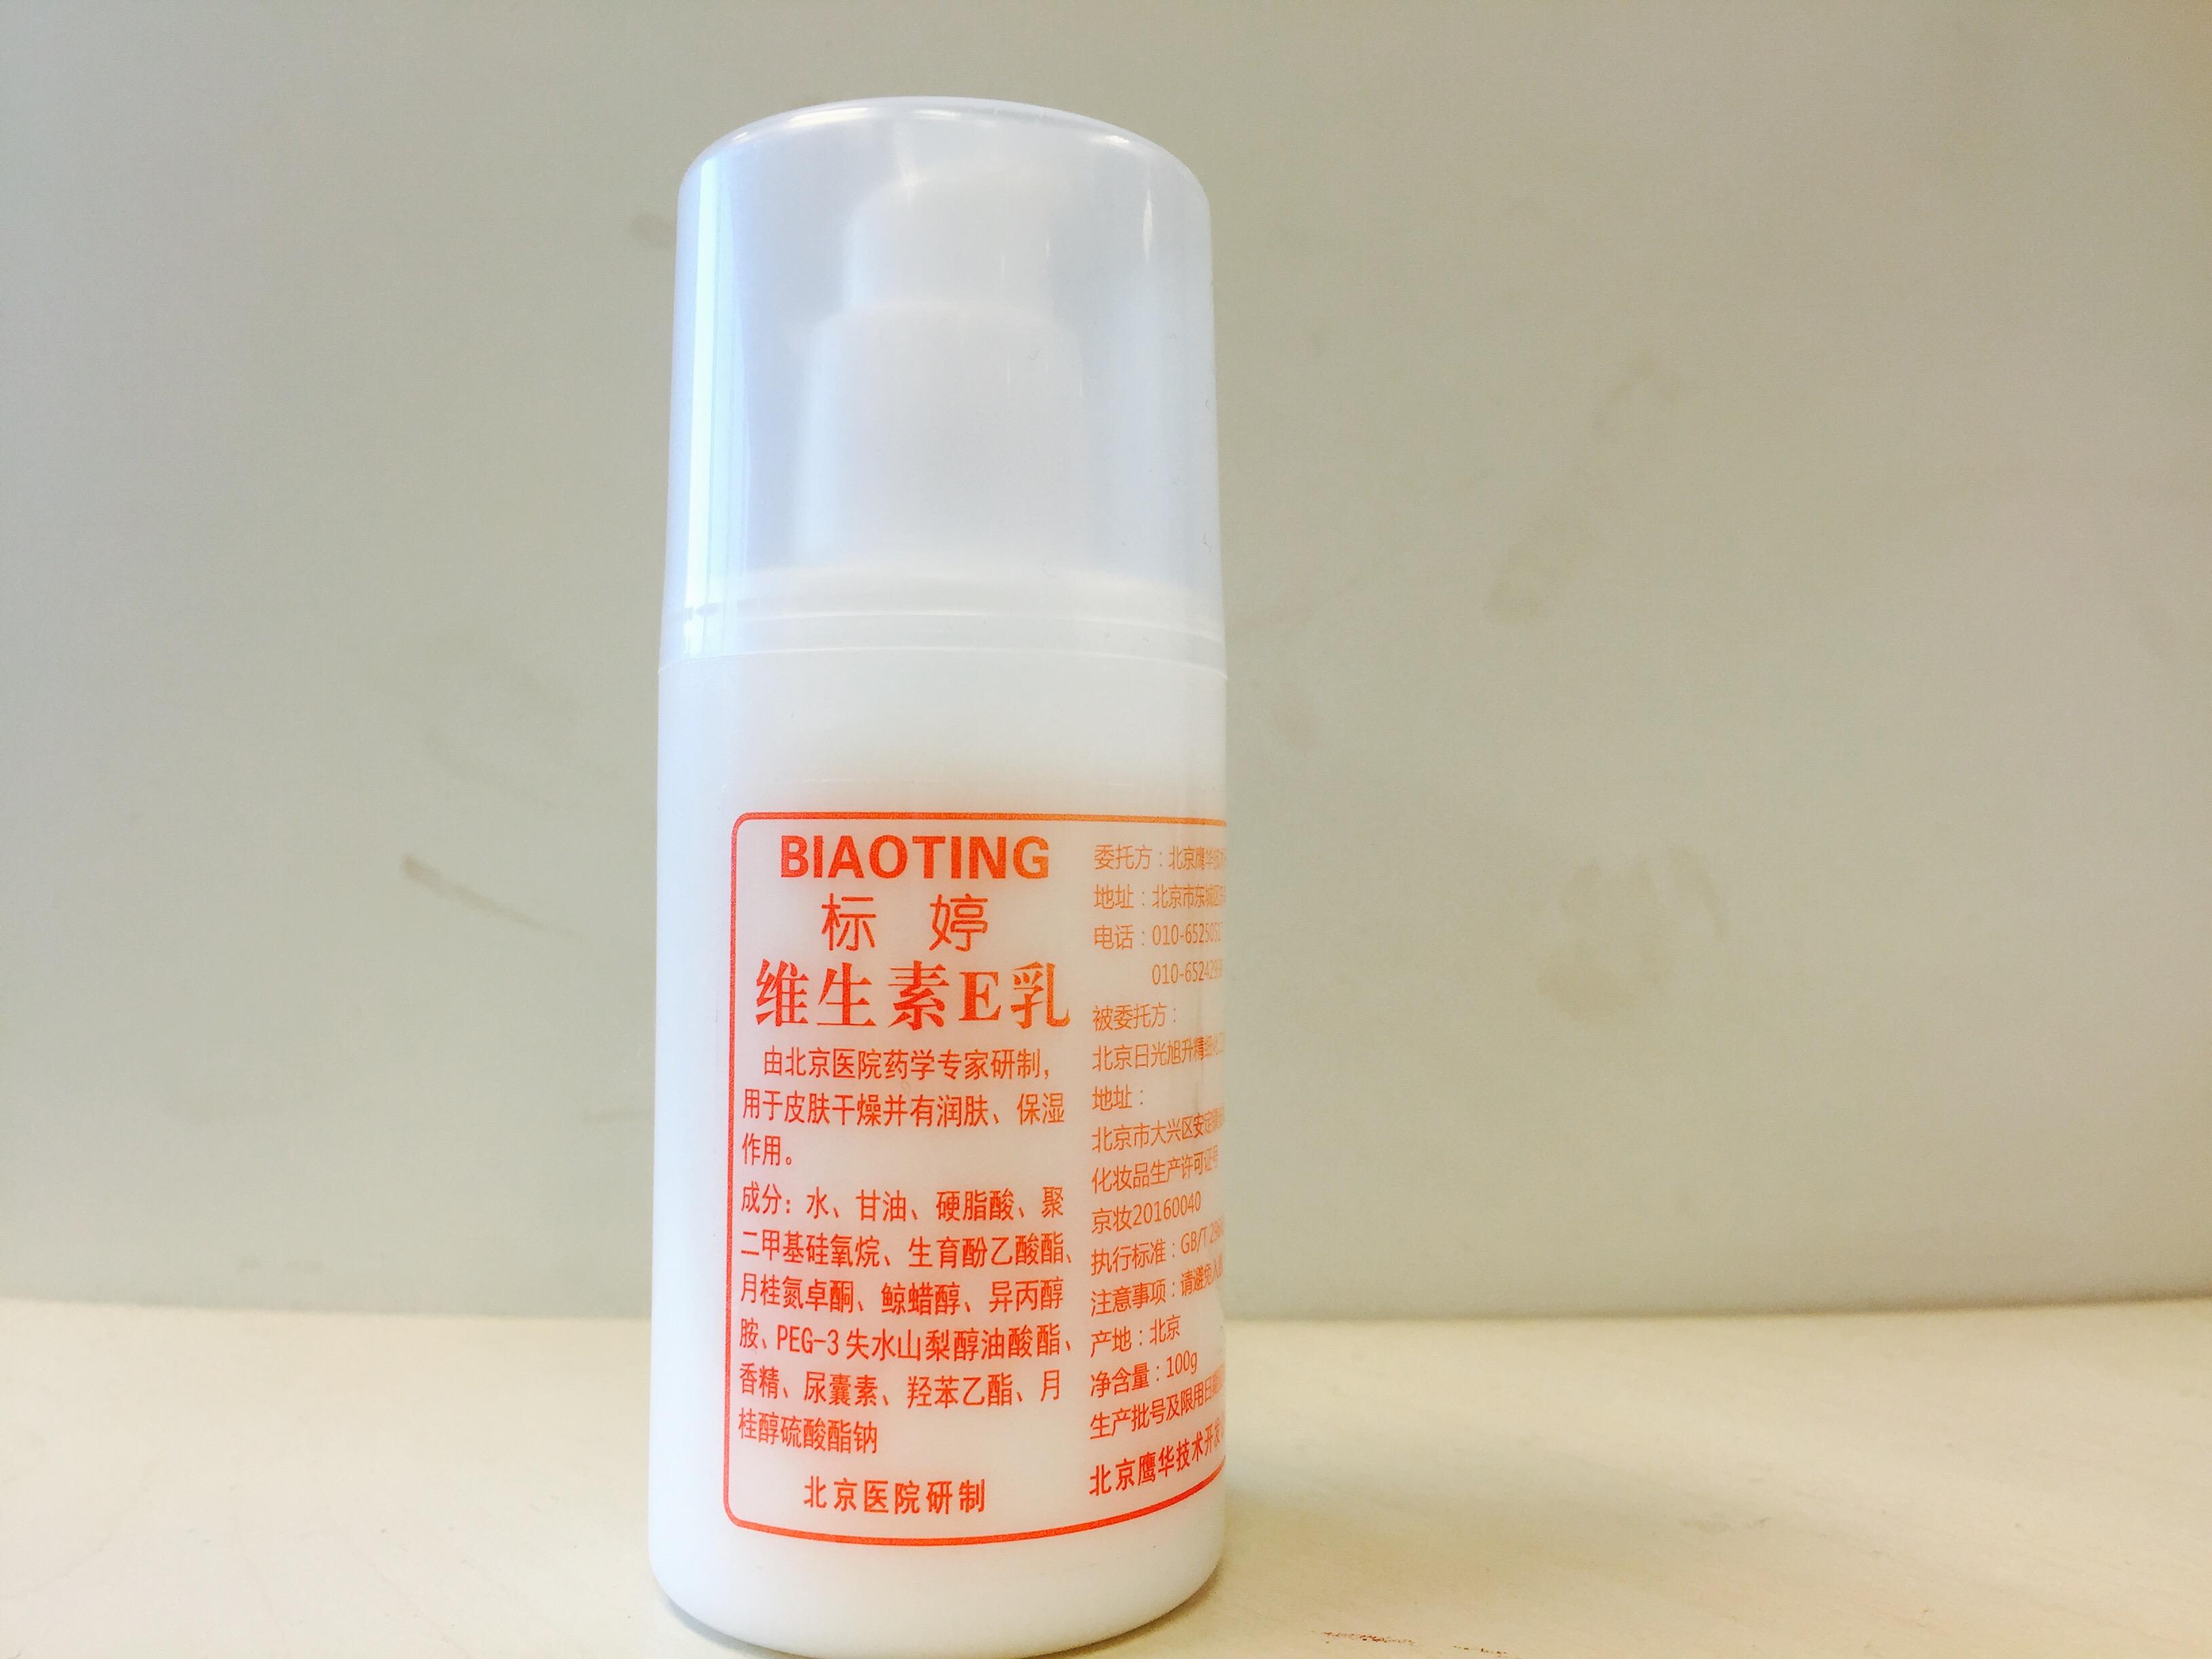 北京医院:网上或其他渠道购买的标婷维E乳非正品